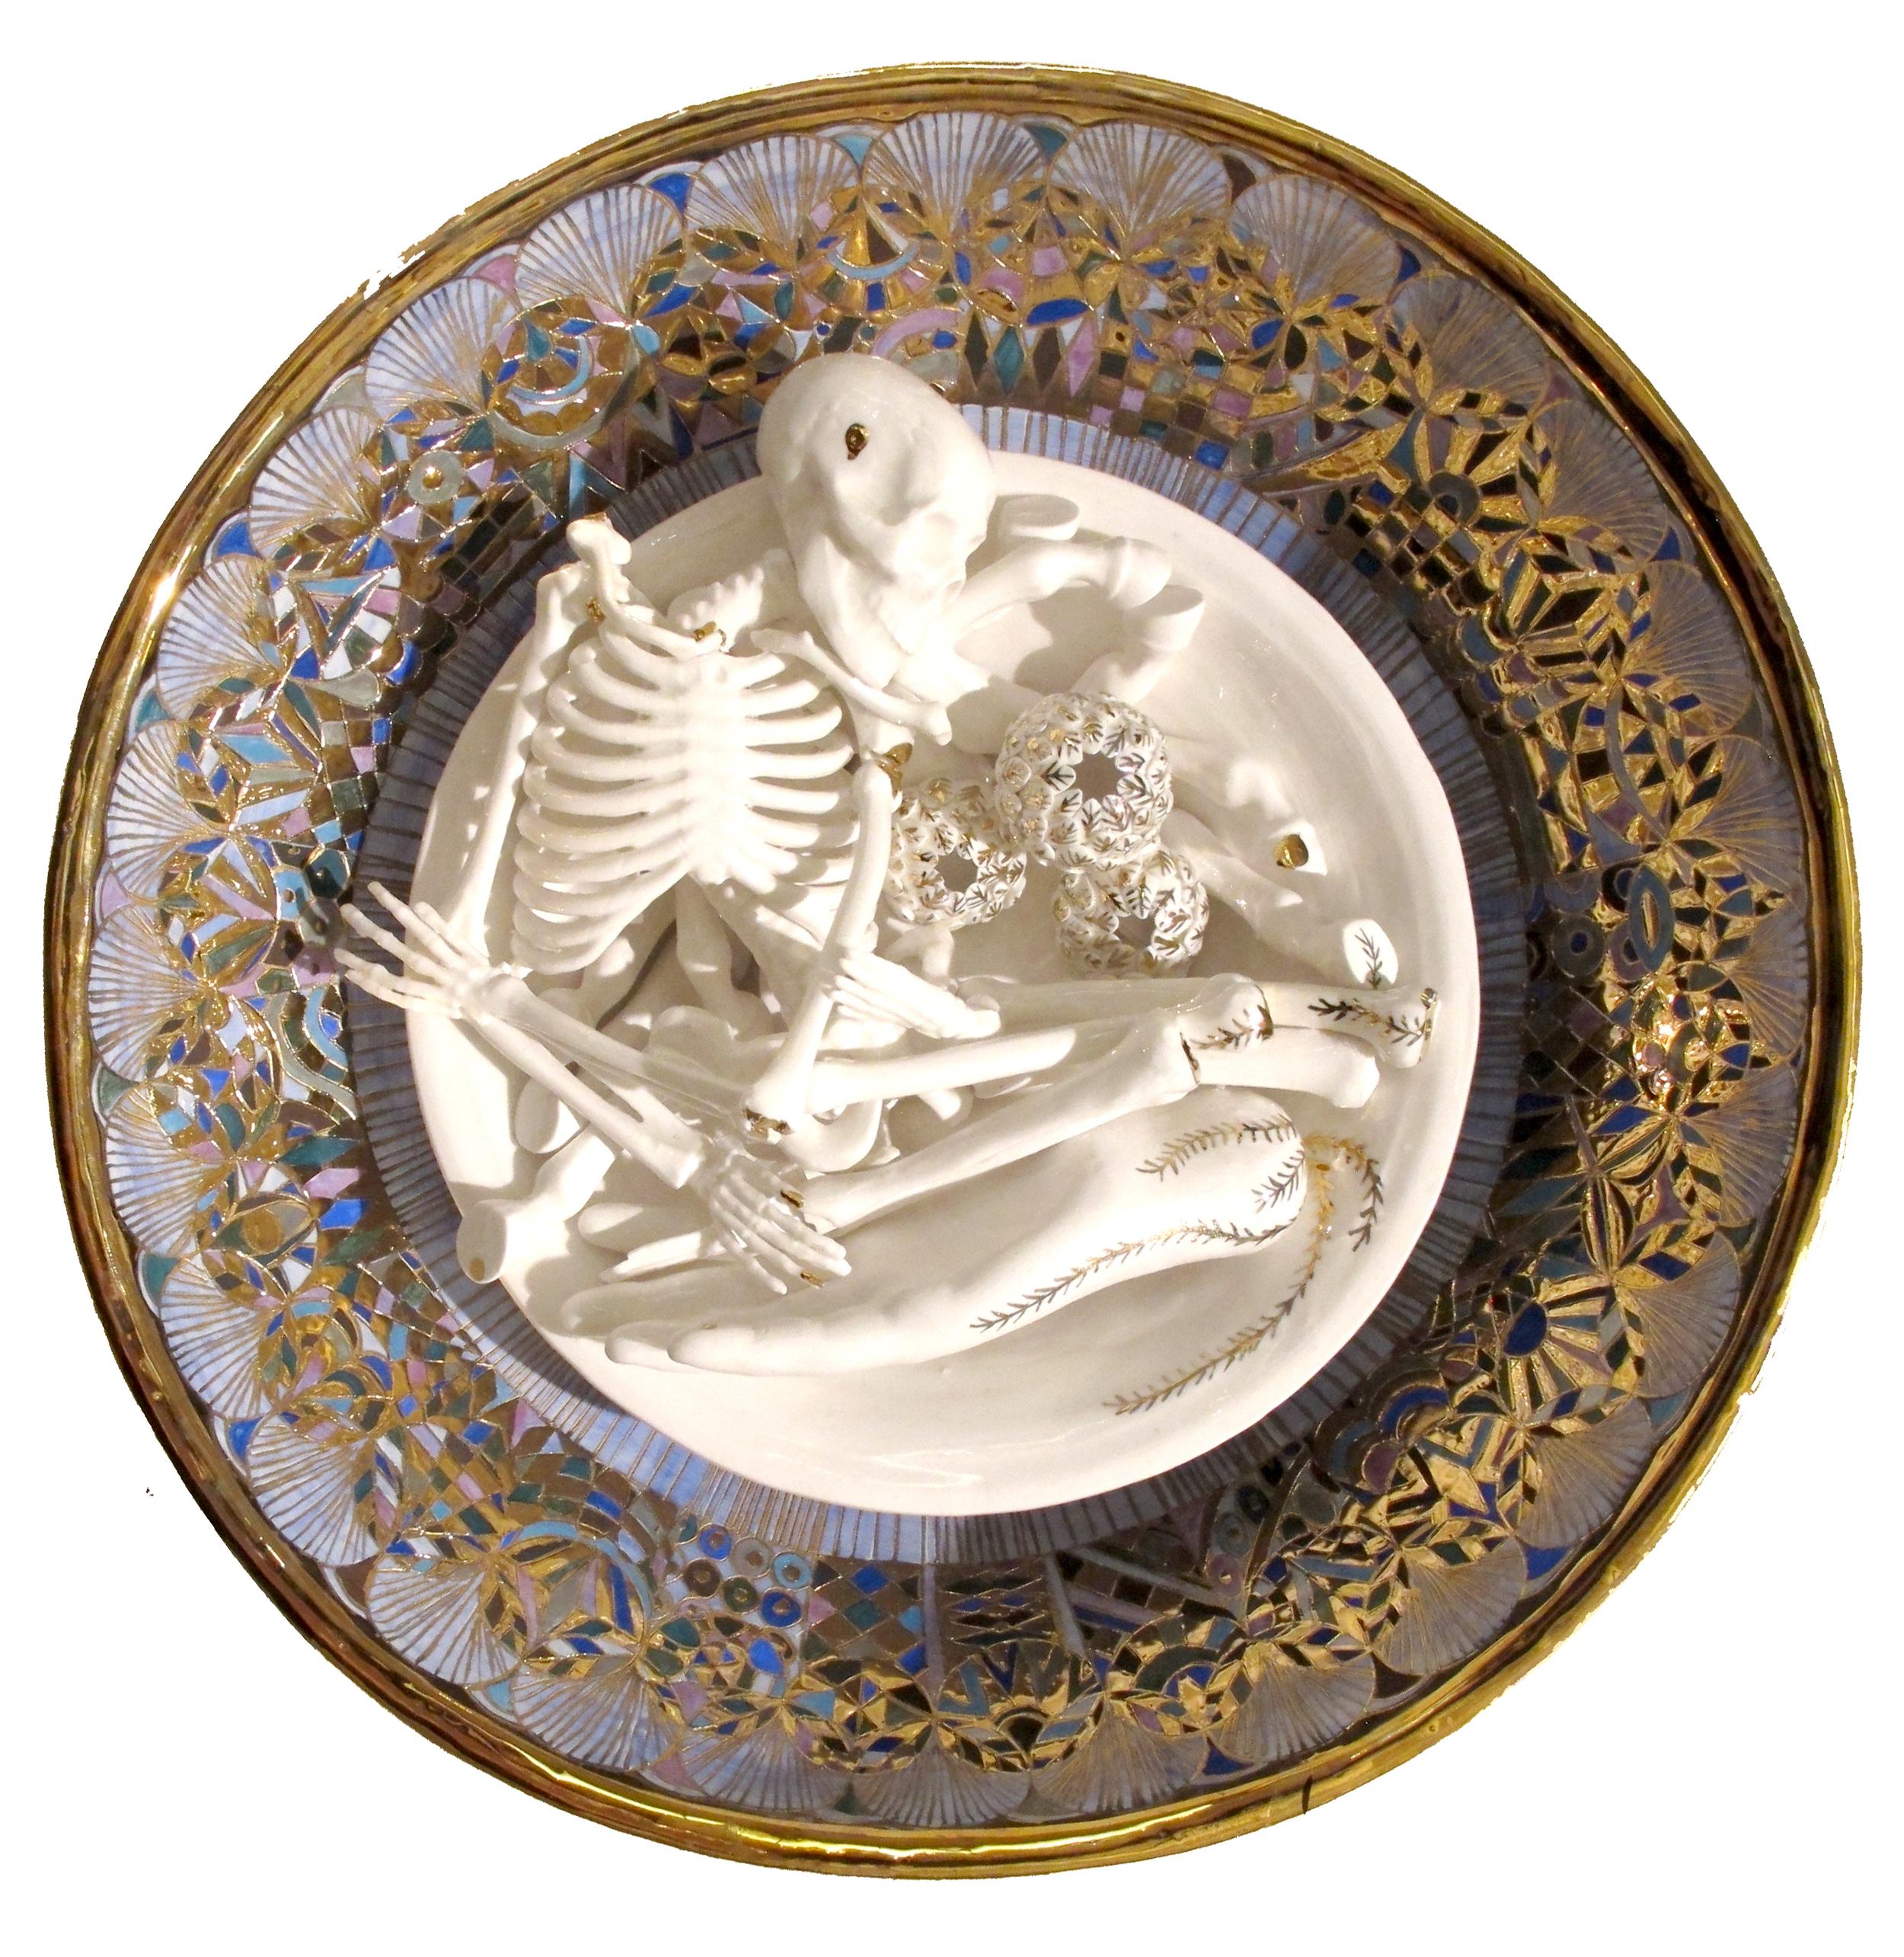 YHL_Skull and Hand plate_Porcelain 40x40cm.jpg